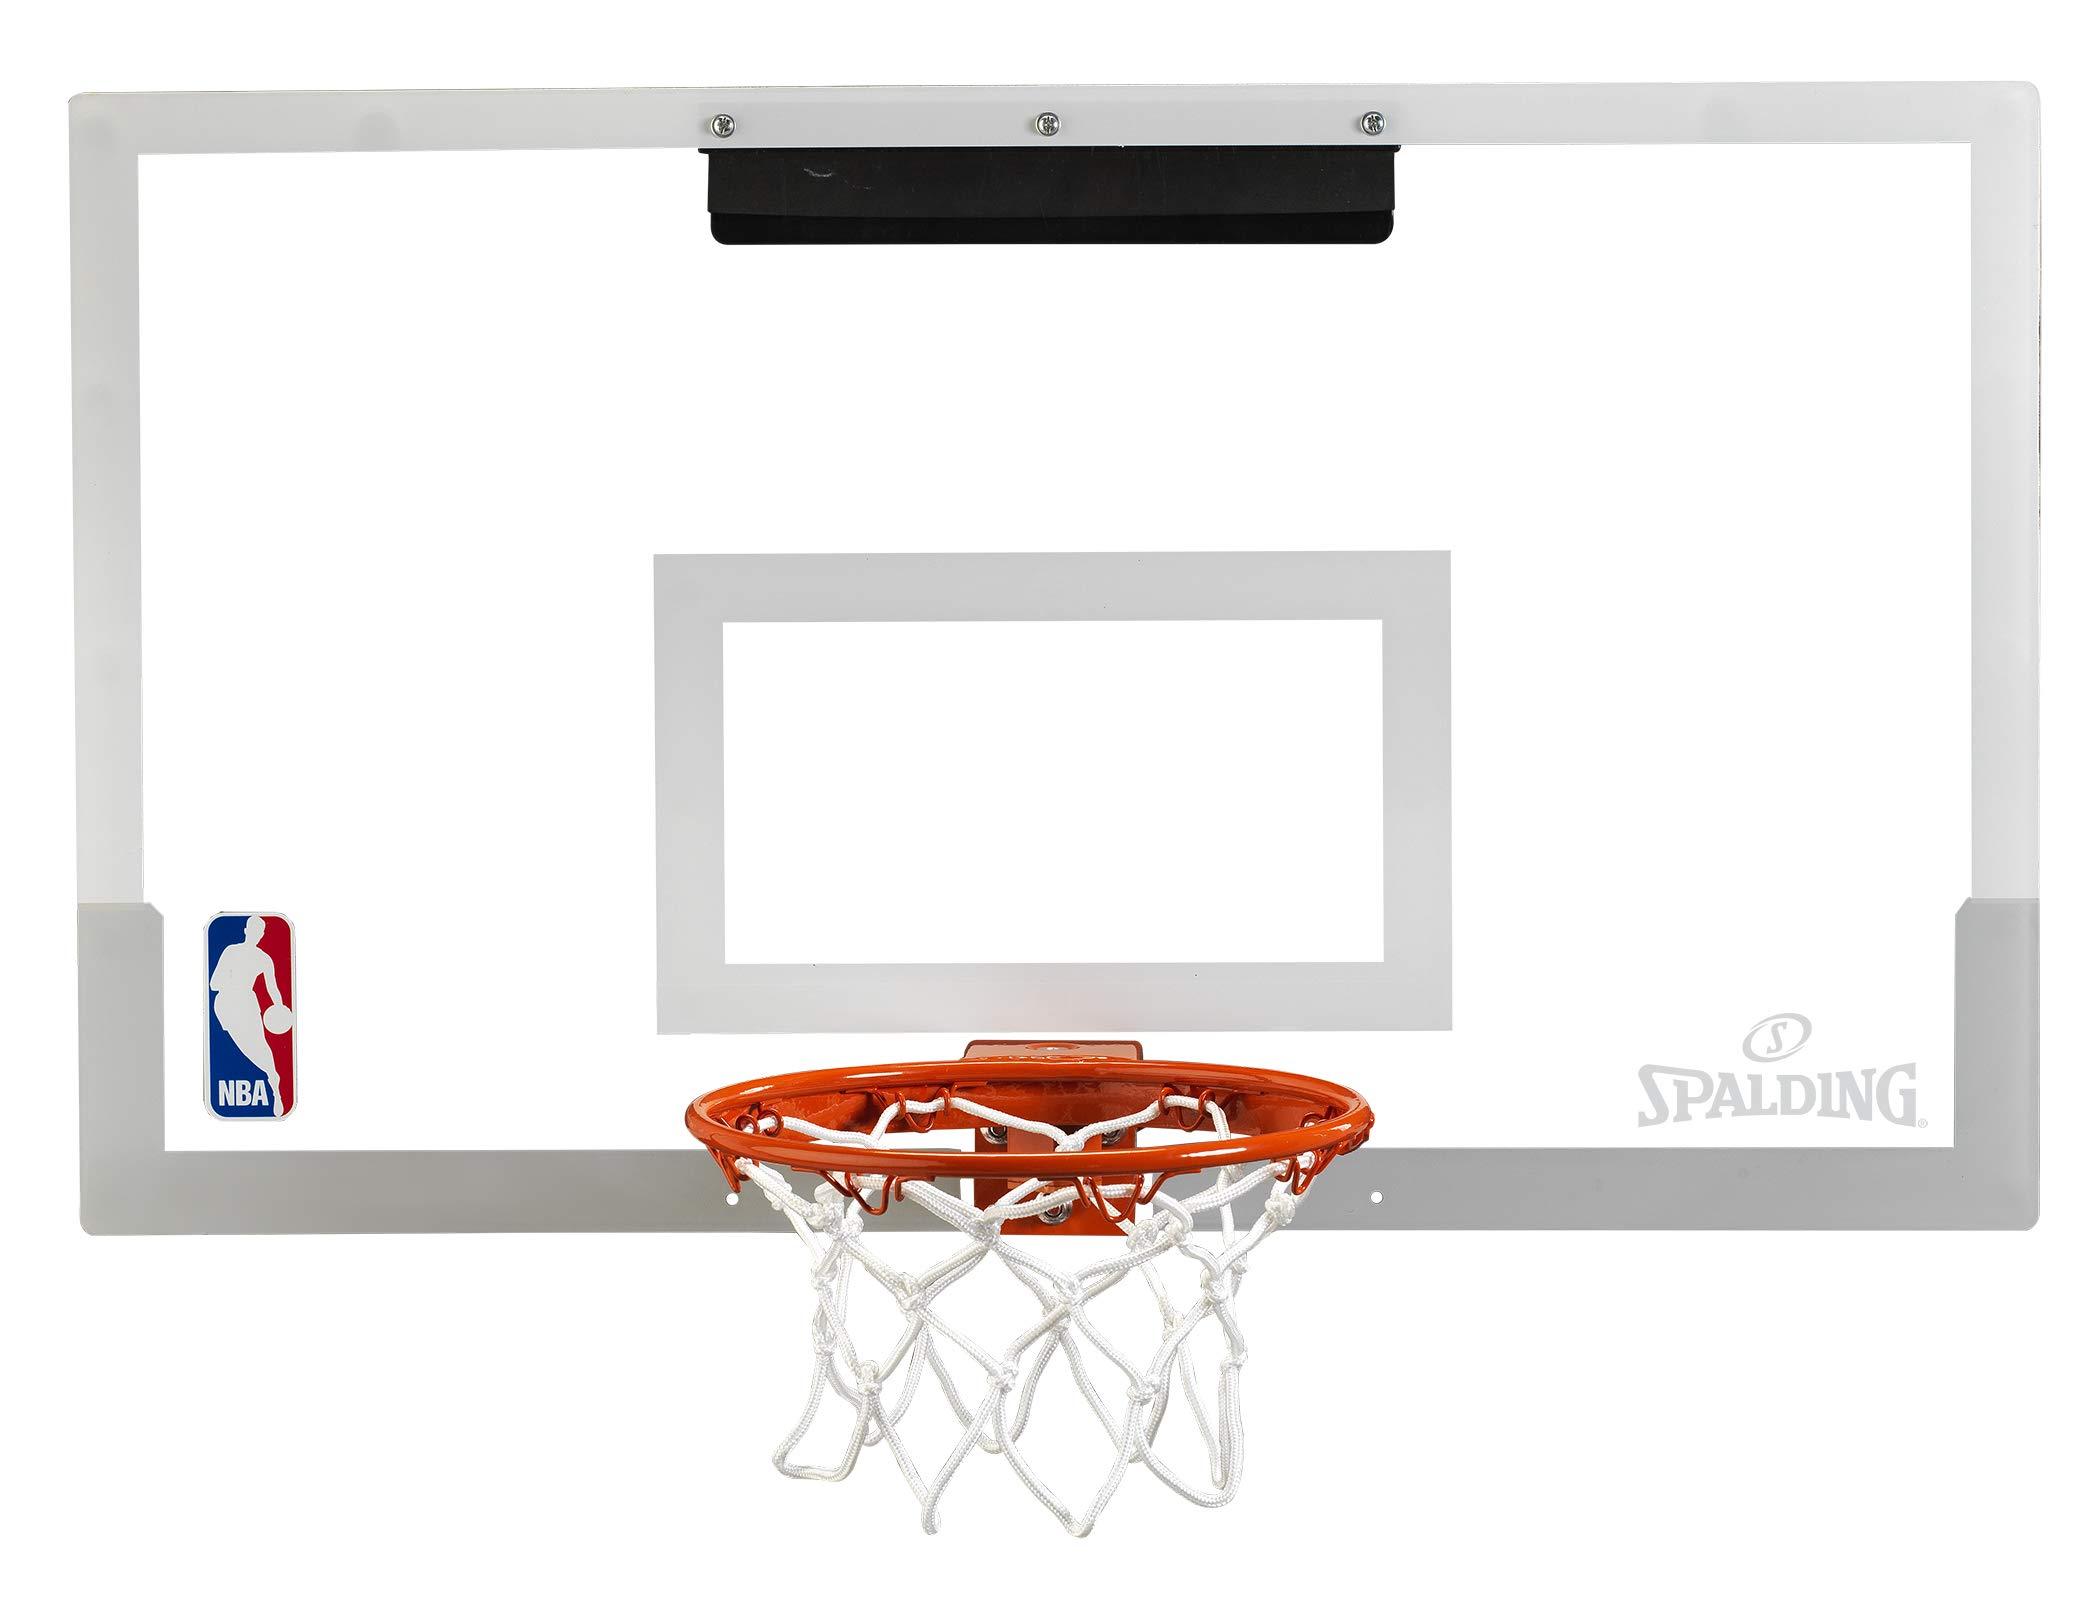 Spalding NBA Slam Jam Board - Tablero de pared de baloncesto ...